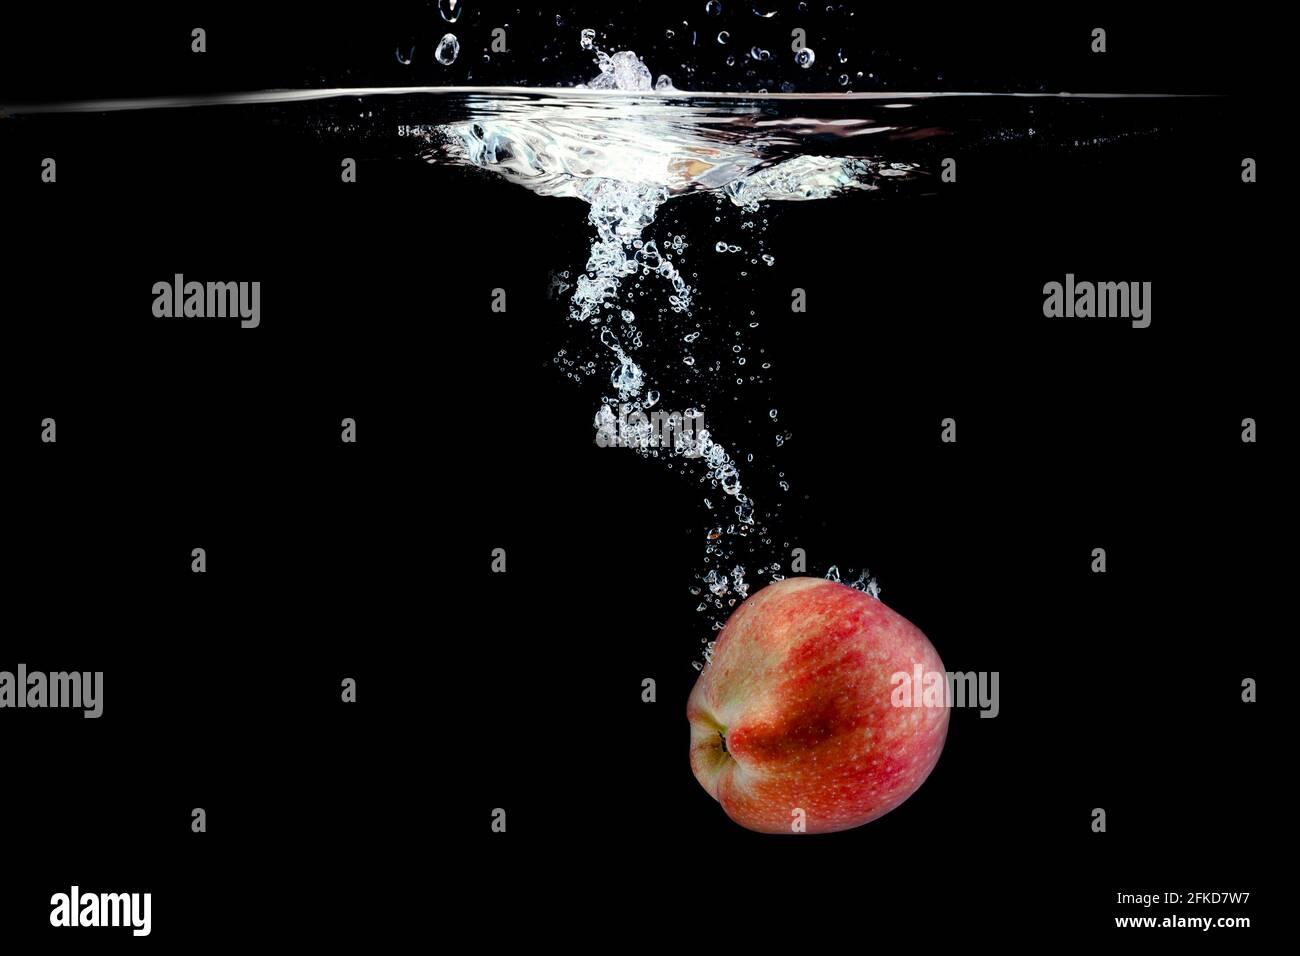 Reifer roter Apfel fiel mit Spritzern ins Wasser Stockfoto